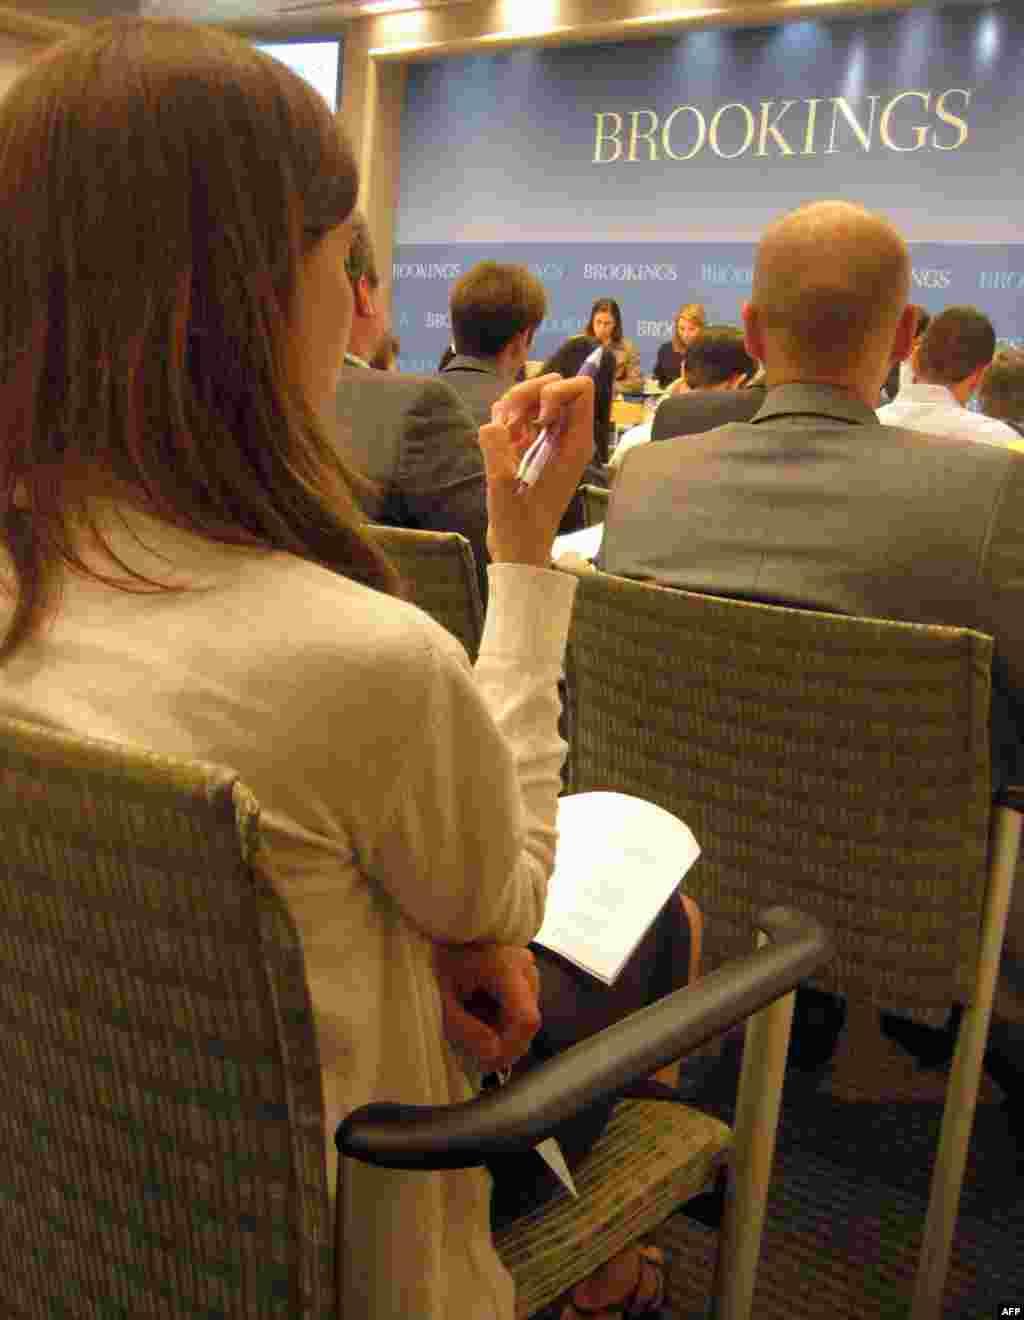 Дискусія у вашингтонському Інституті Брукінґса; фото - Ярини Климчак.